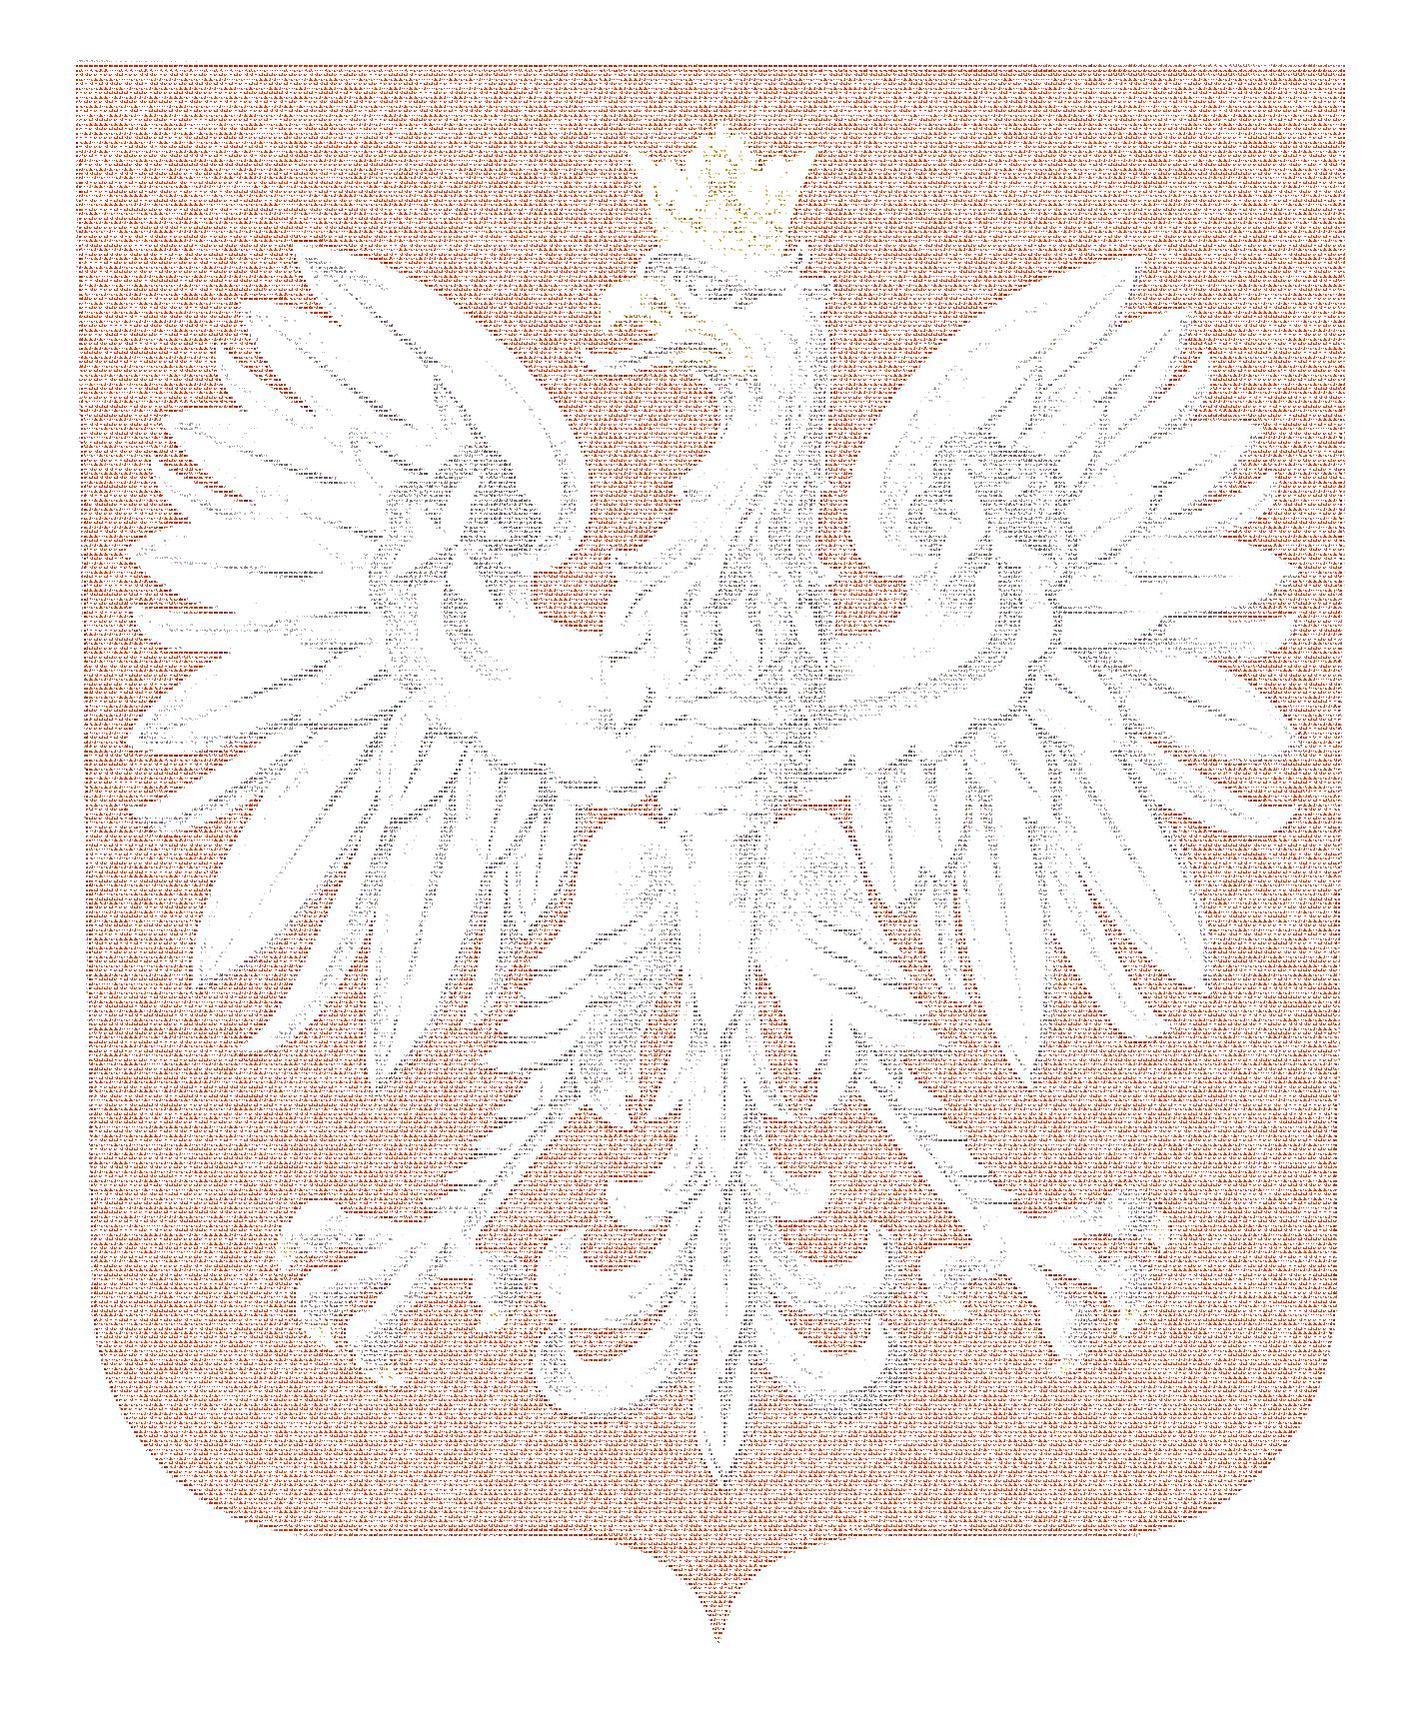 Fileascii Artcoa Of Poland Iii Rzeczpospolitapdf Wikimedia